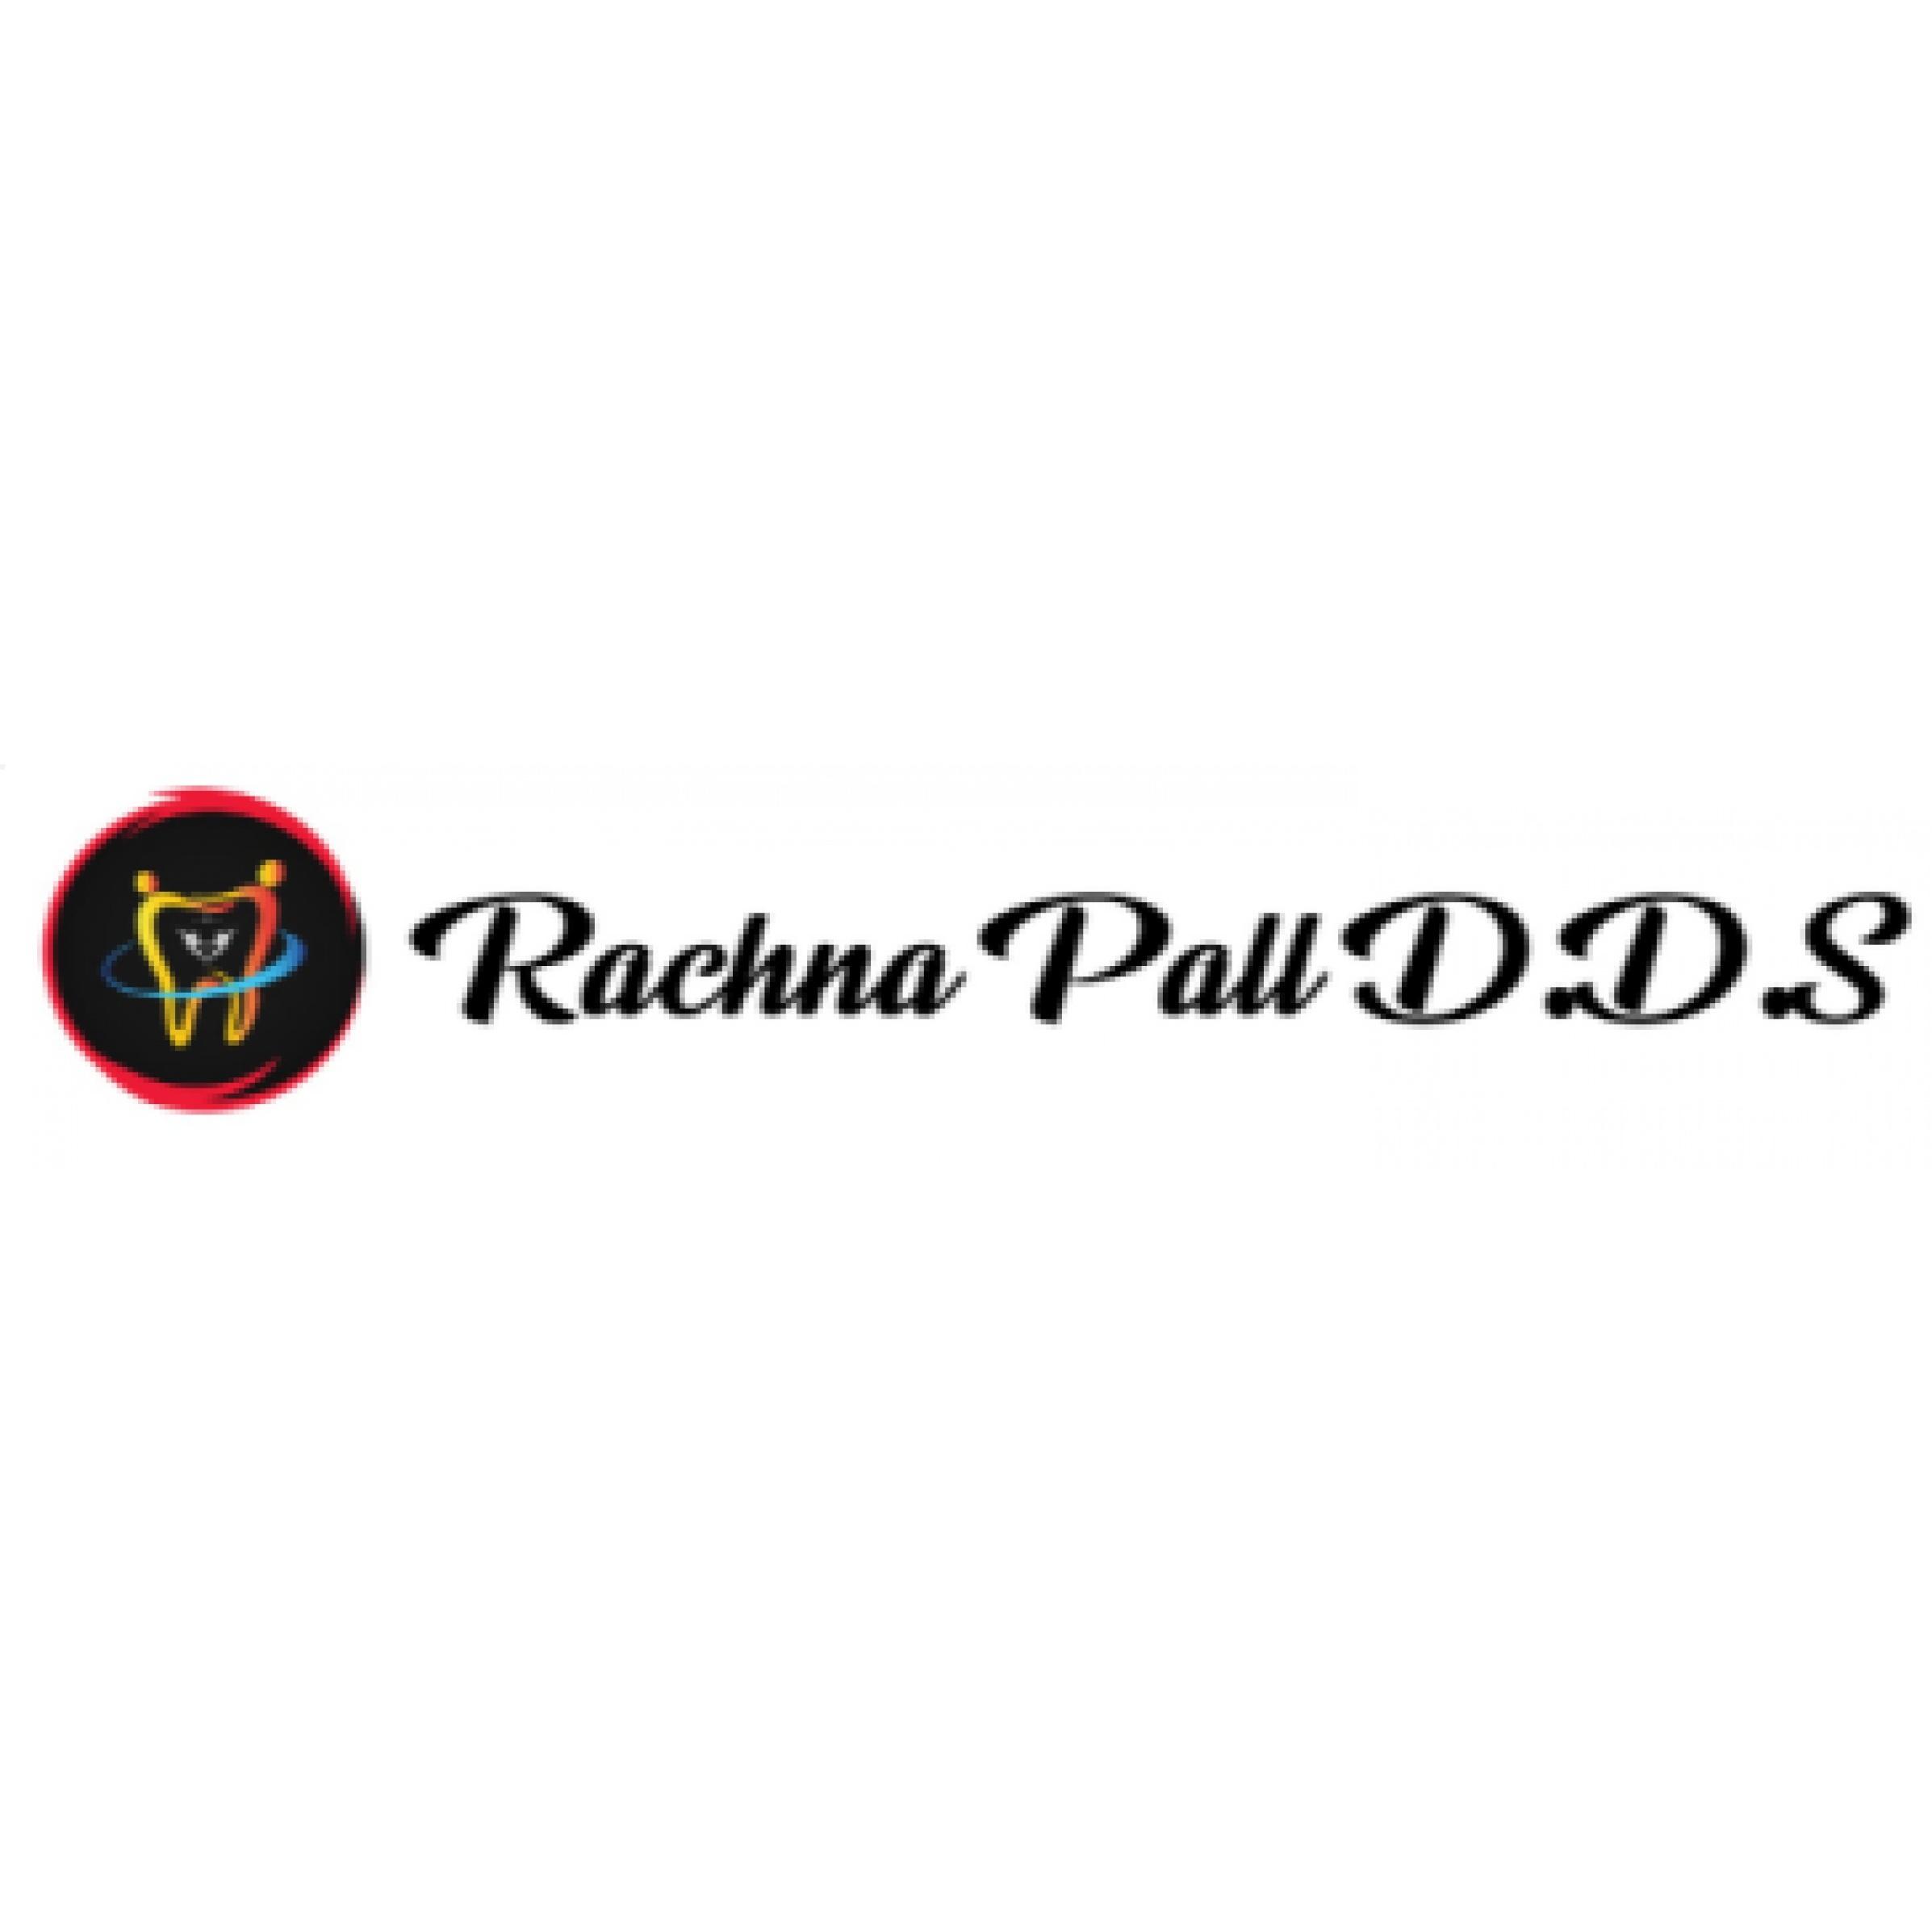 Rachna Pall D.D.S.